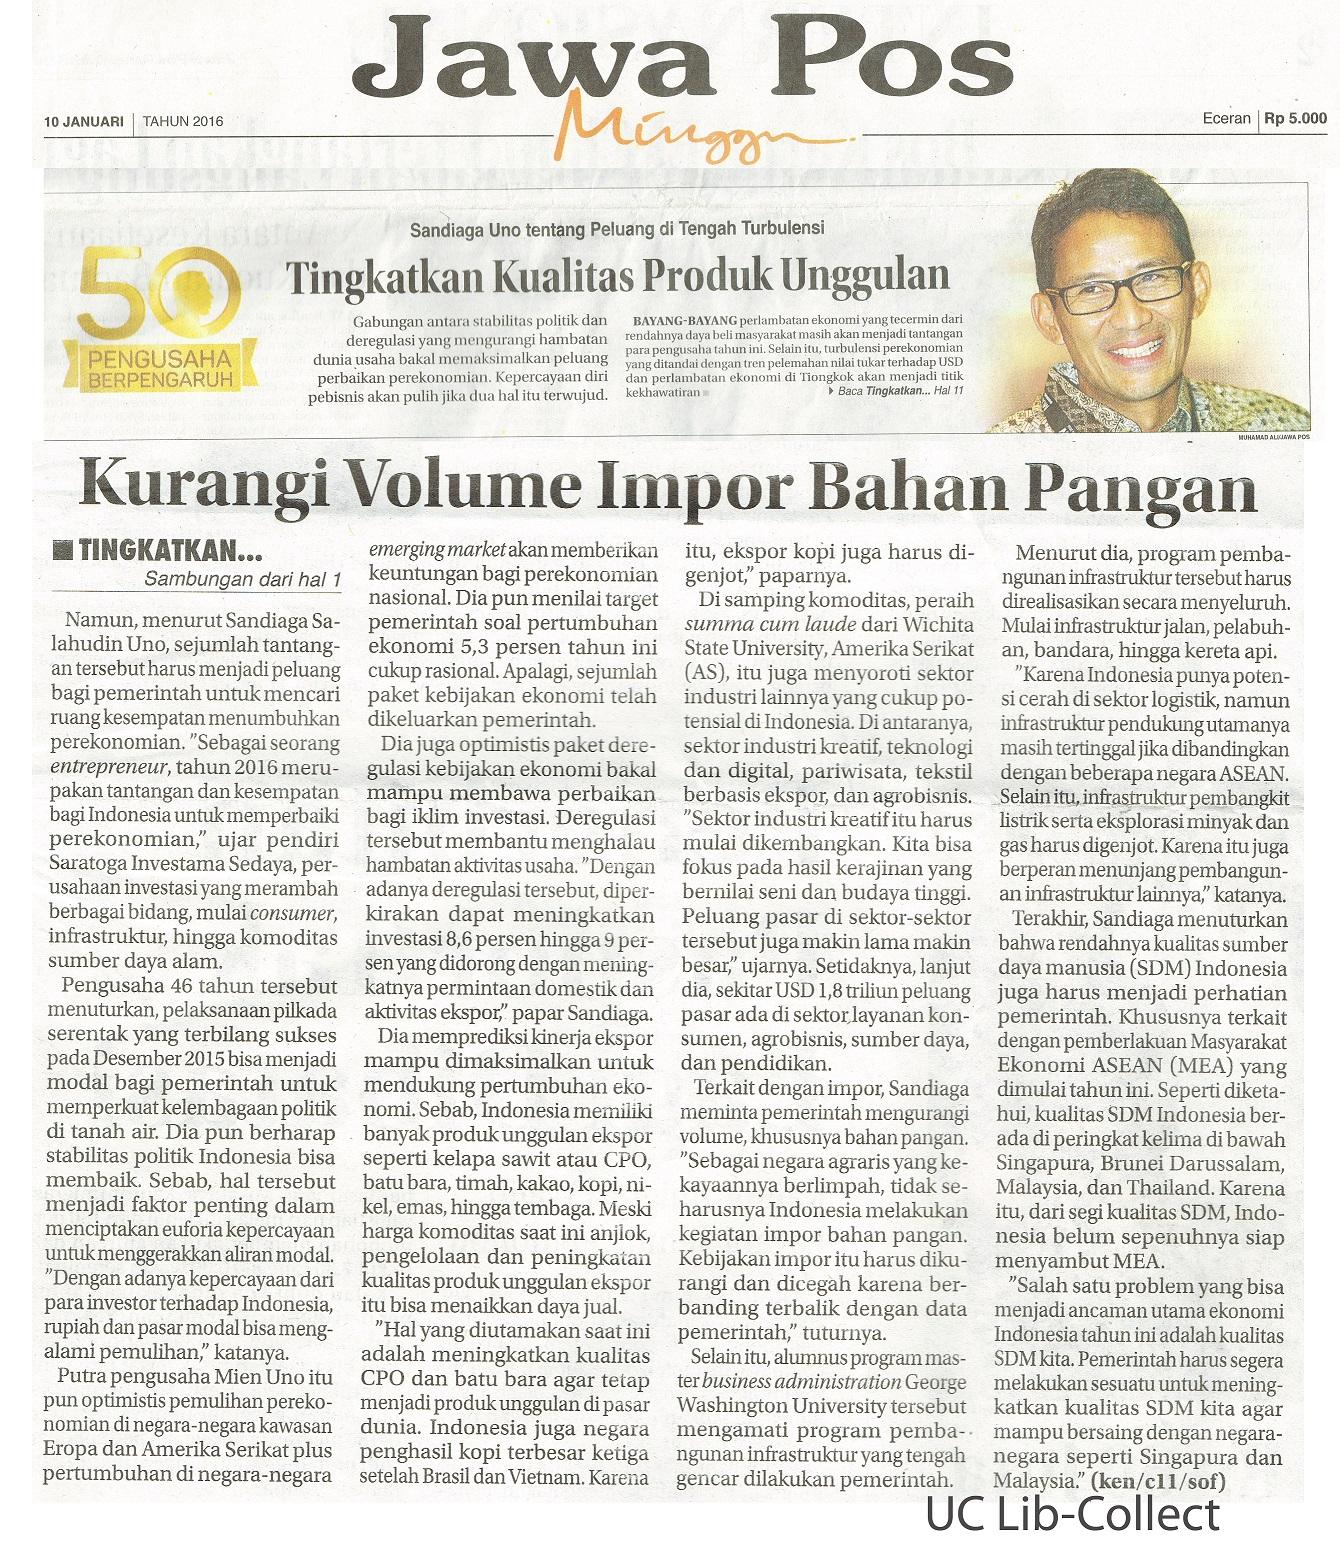 10 Januari 2016. Sandiago Uno tentang Peluang di Tengah Turbulensi_Tingkatkan Kualitas Produk Unggulan. Jawa Pos. 10 Januari 2016. Hal.1,11